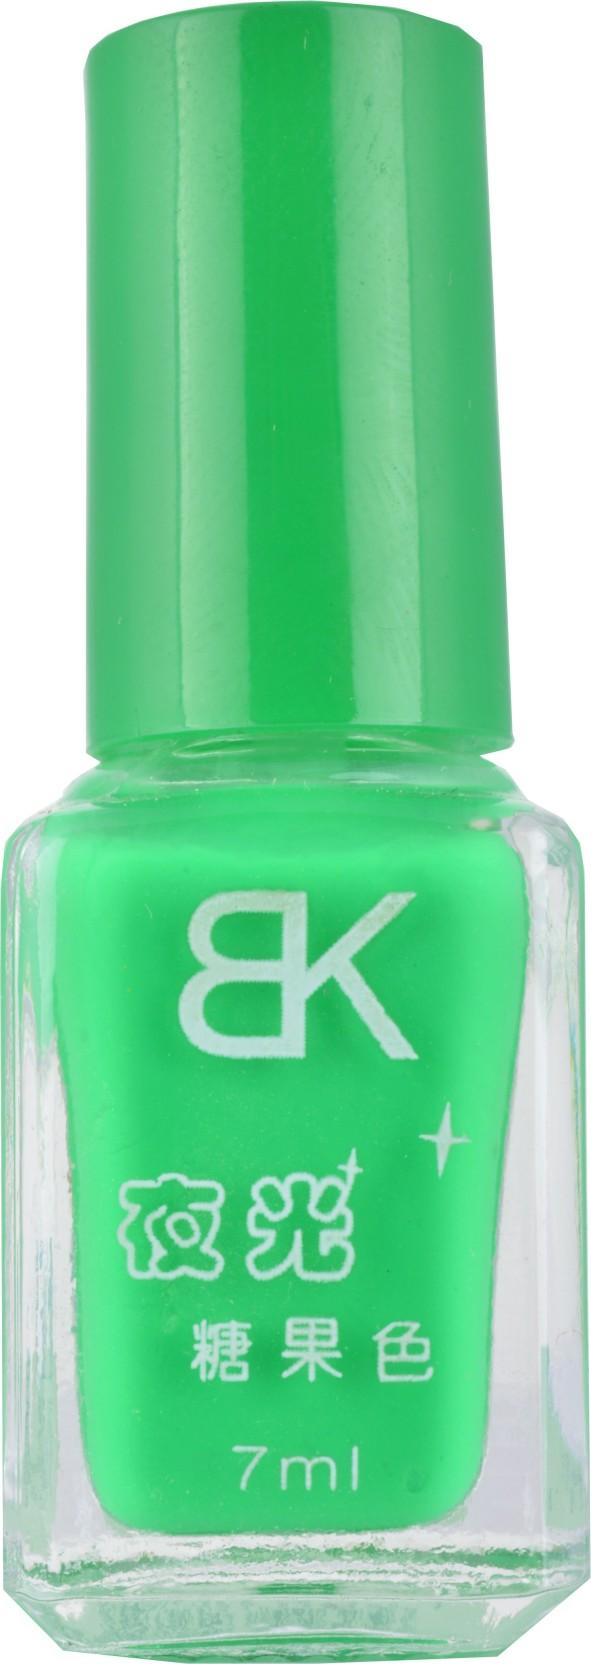 BK Glow In Dark Radium Emerald Green Colour Nail Polish Varnish ...